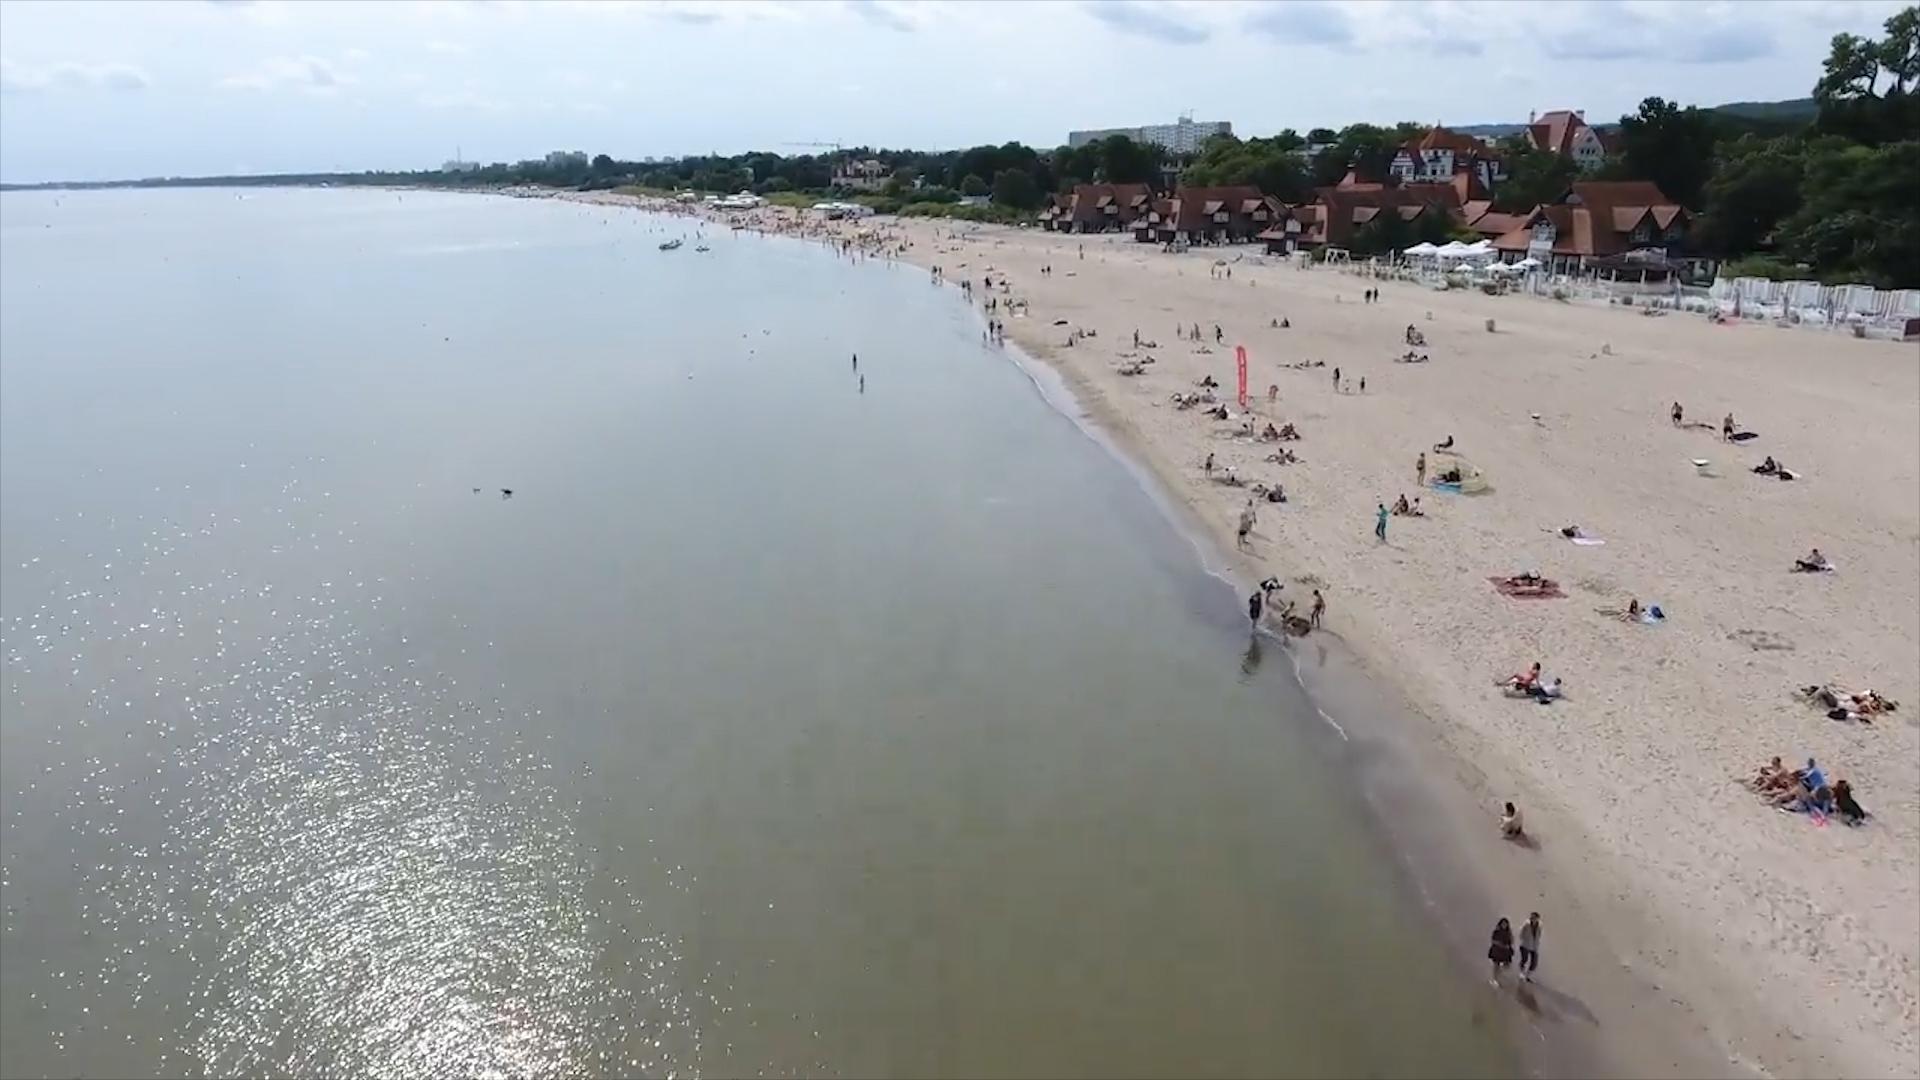 Najlepsze bałtyckie plaże 2019. Gdzie jechać nad morze?